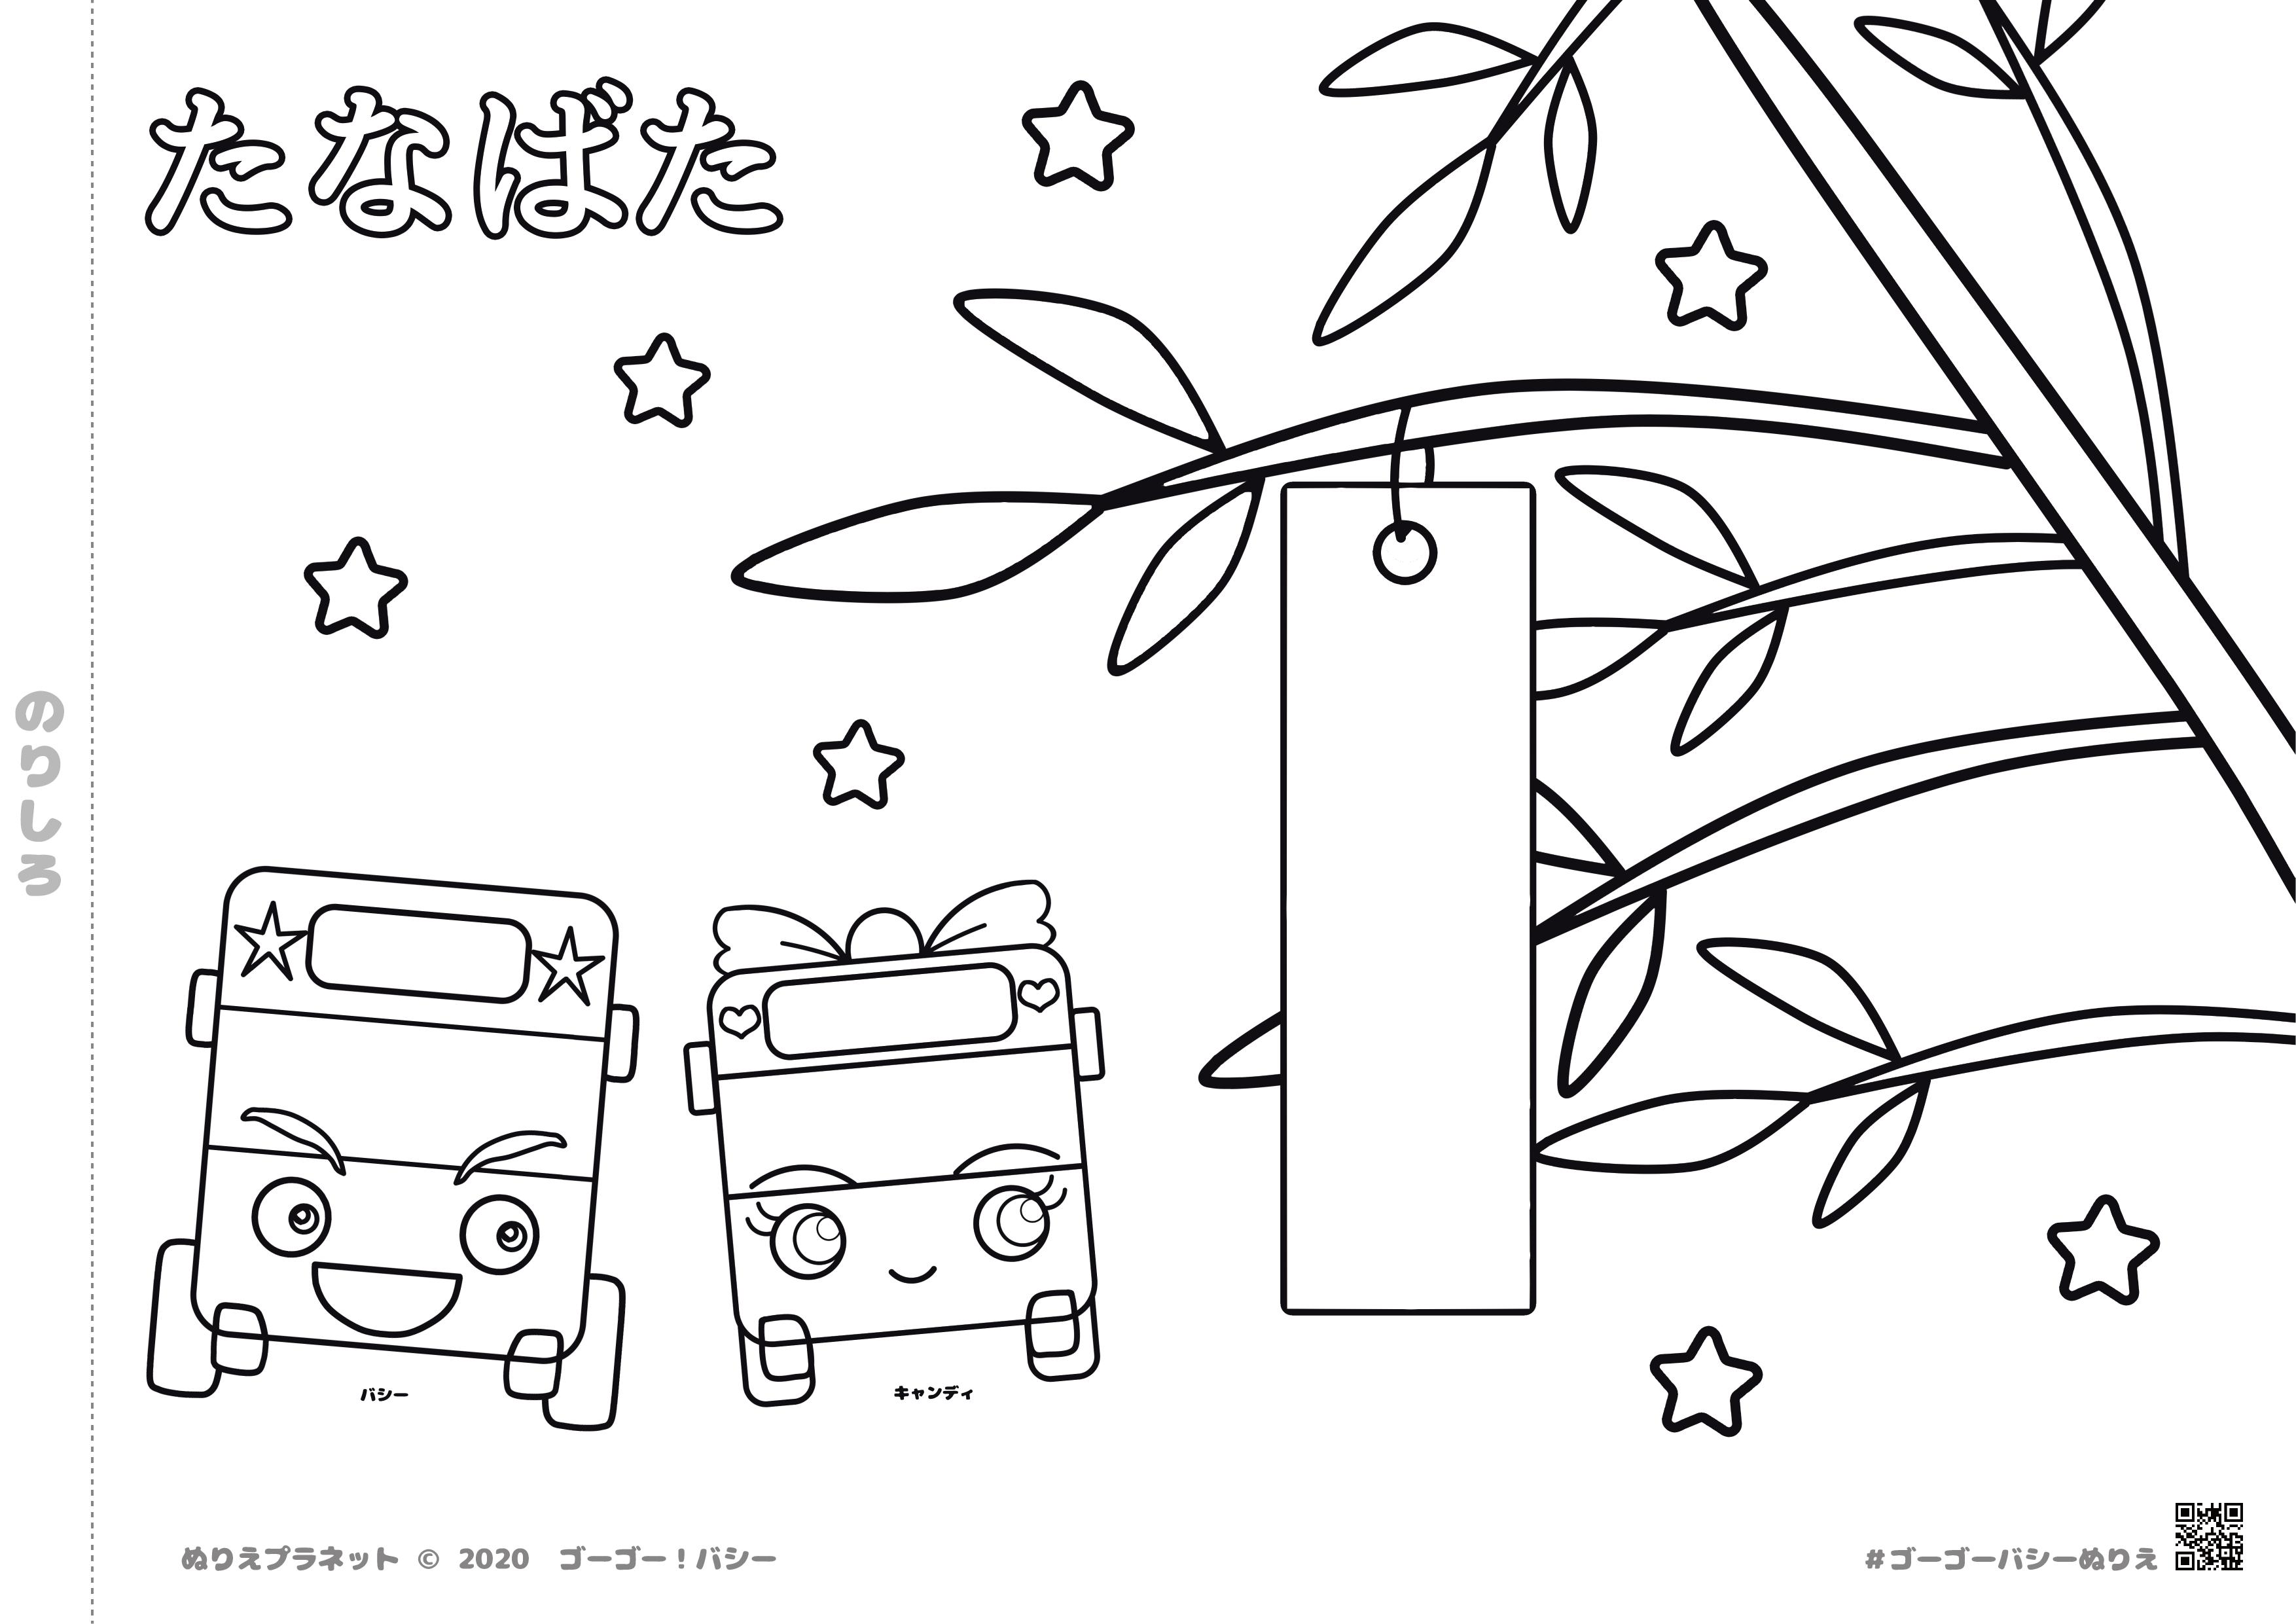 七夕にバスのバシーとキャンディが短冊に願い事を書いて笹に飾ったよ。天の川も綺麗だったよ。